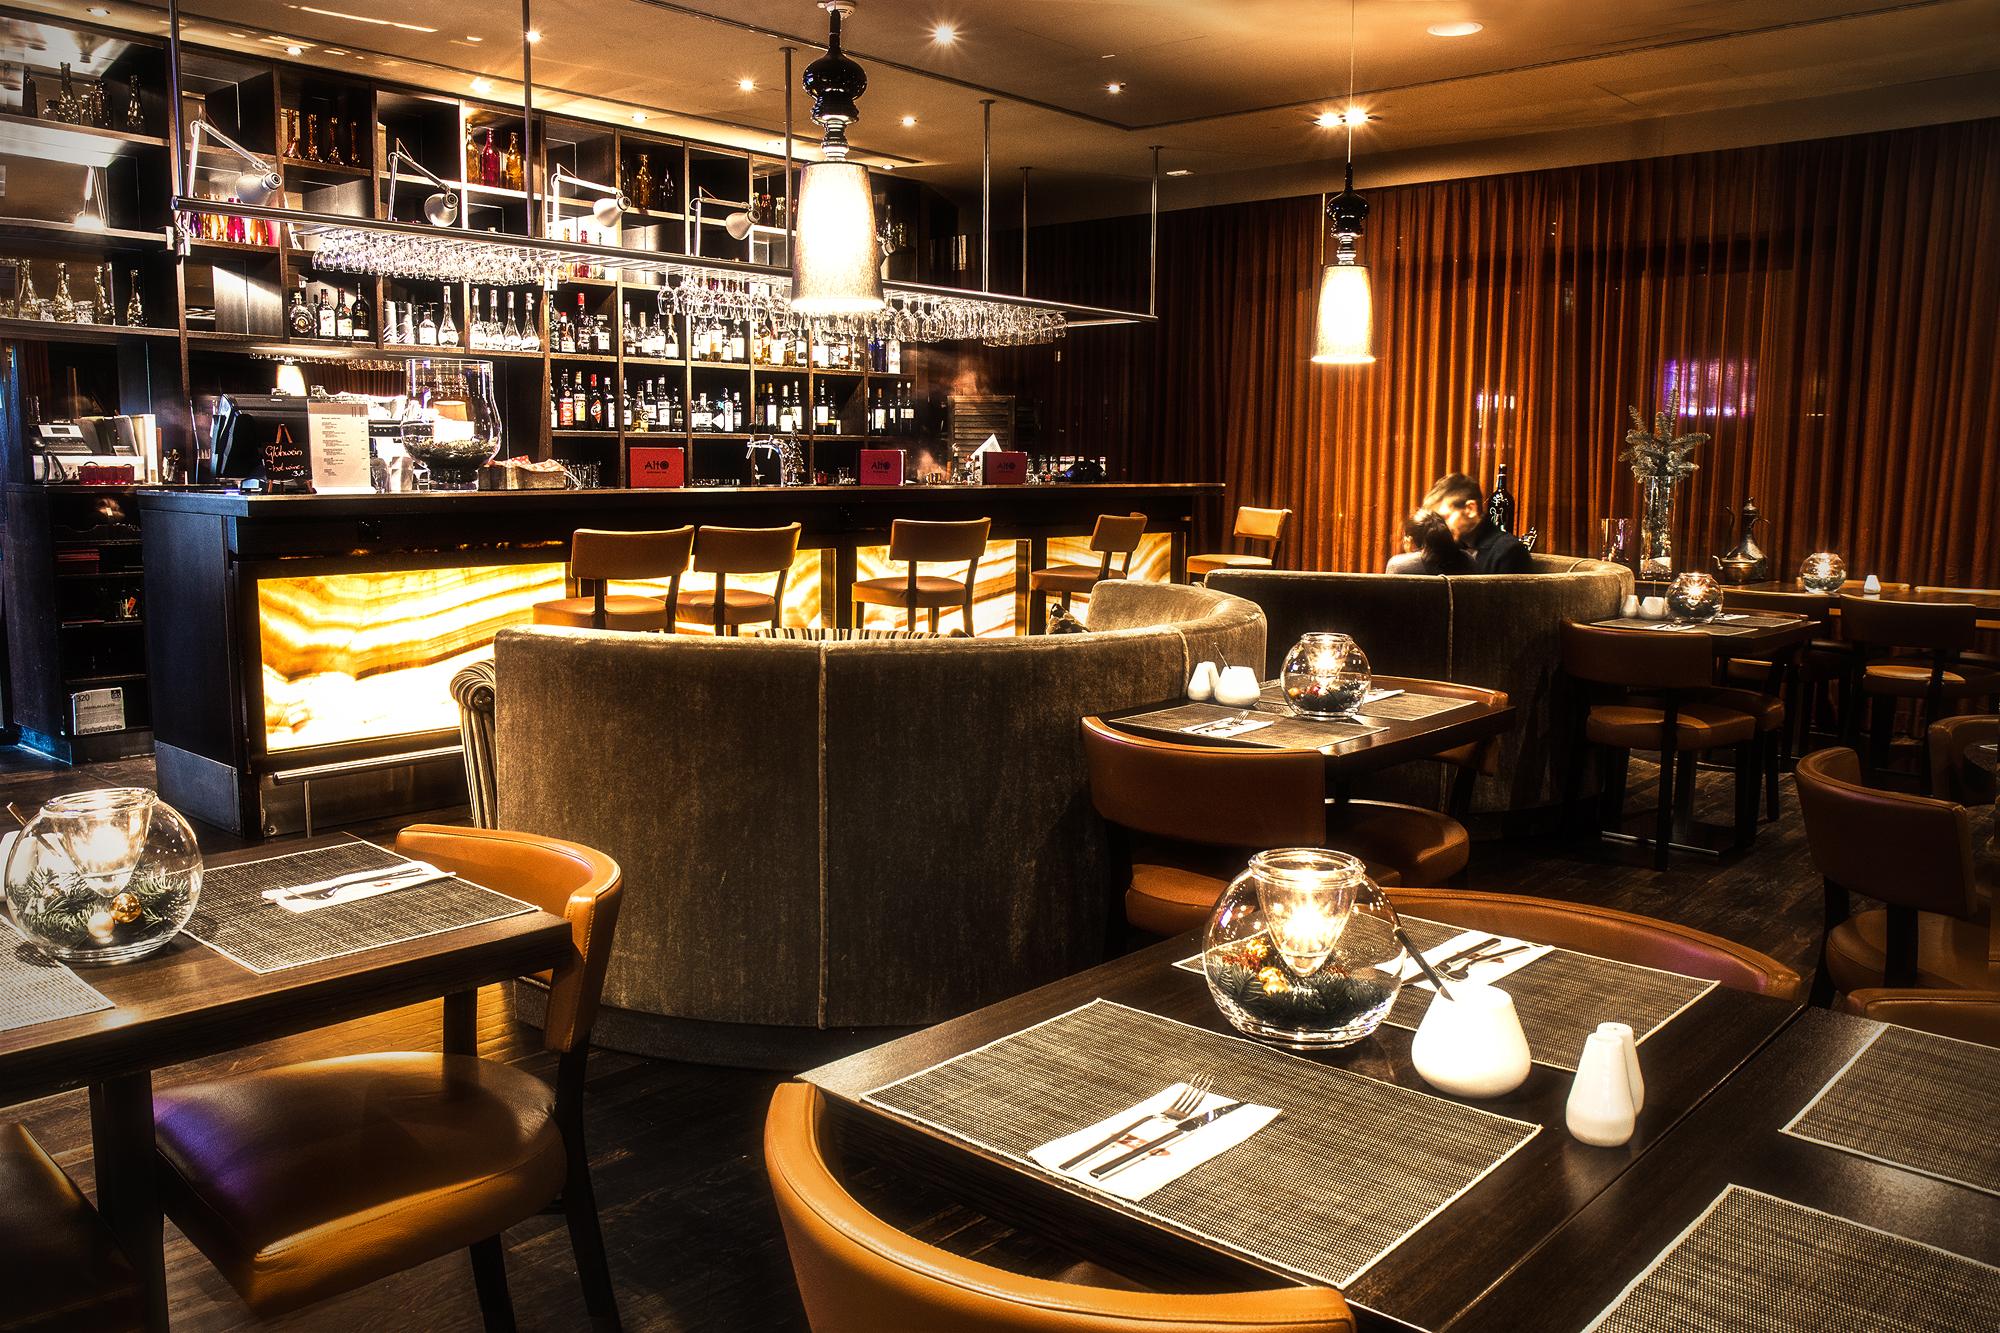 Adina Hotel Bar